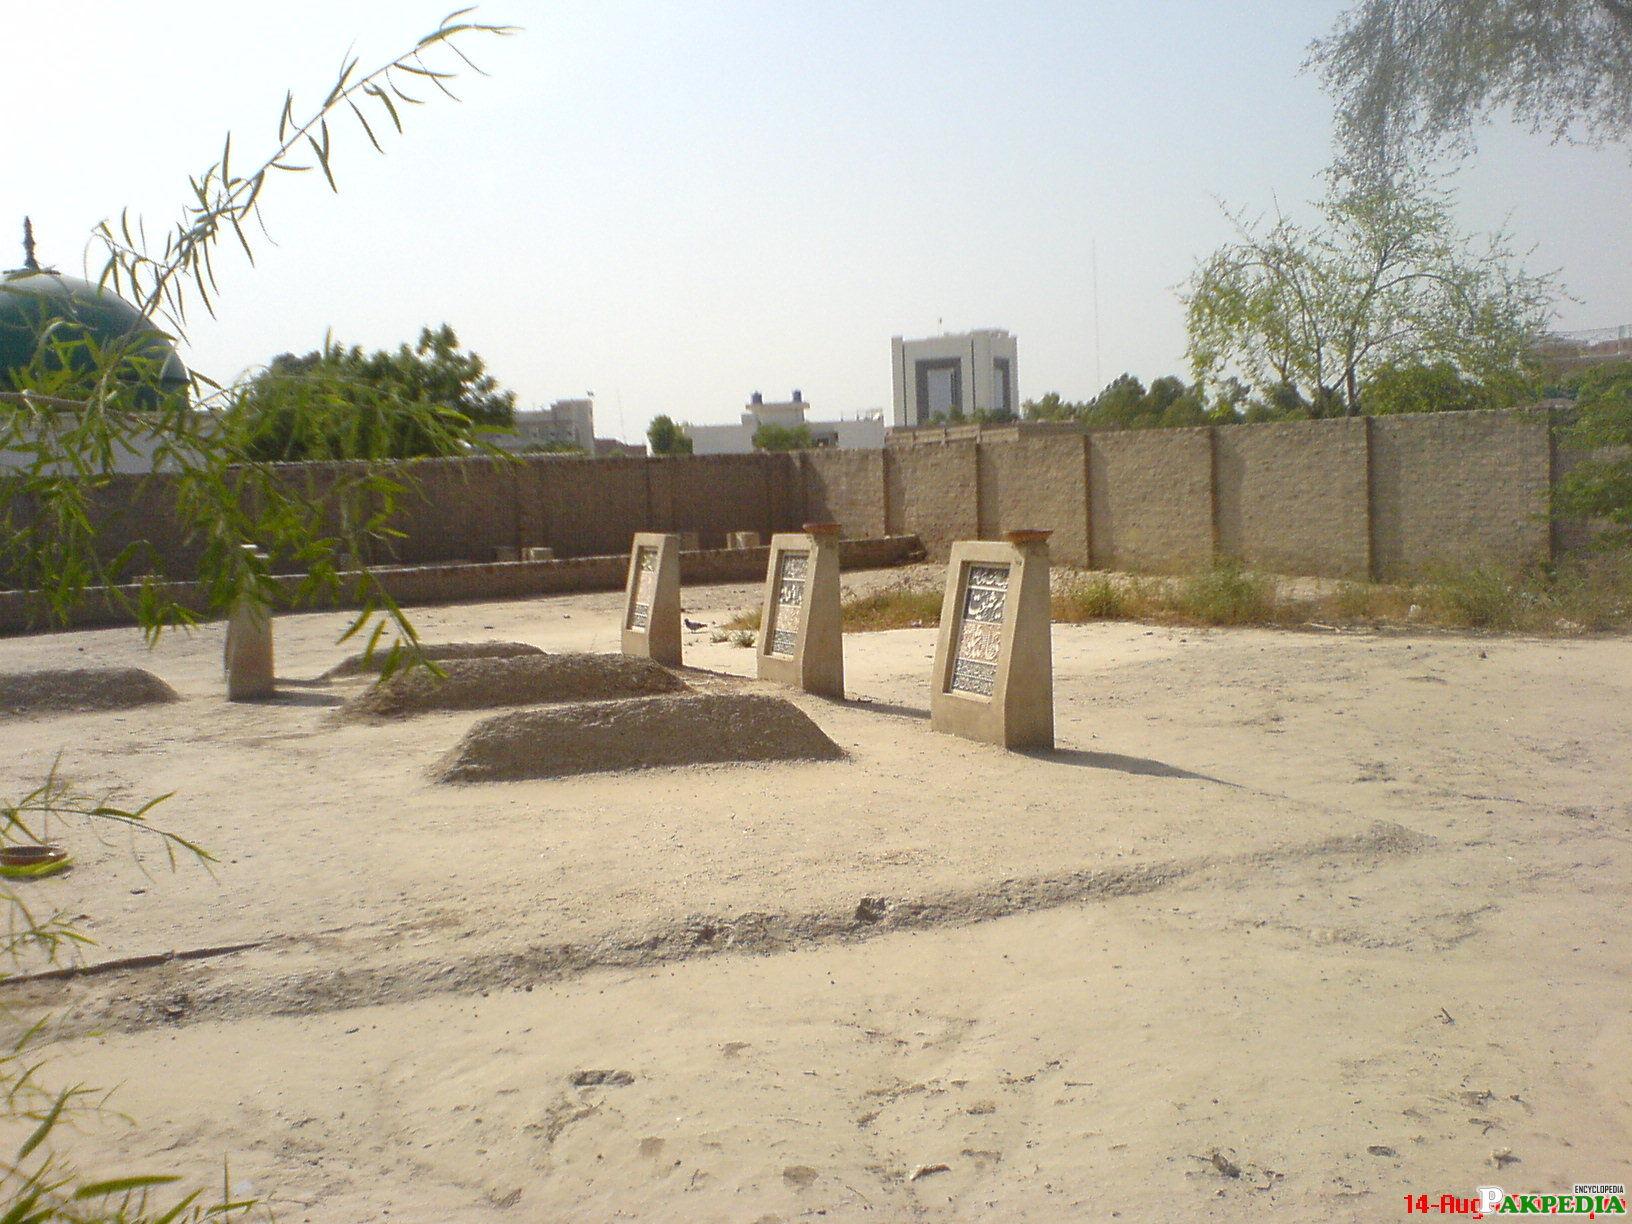 Grave of Ata Ullah Shah Bukhari